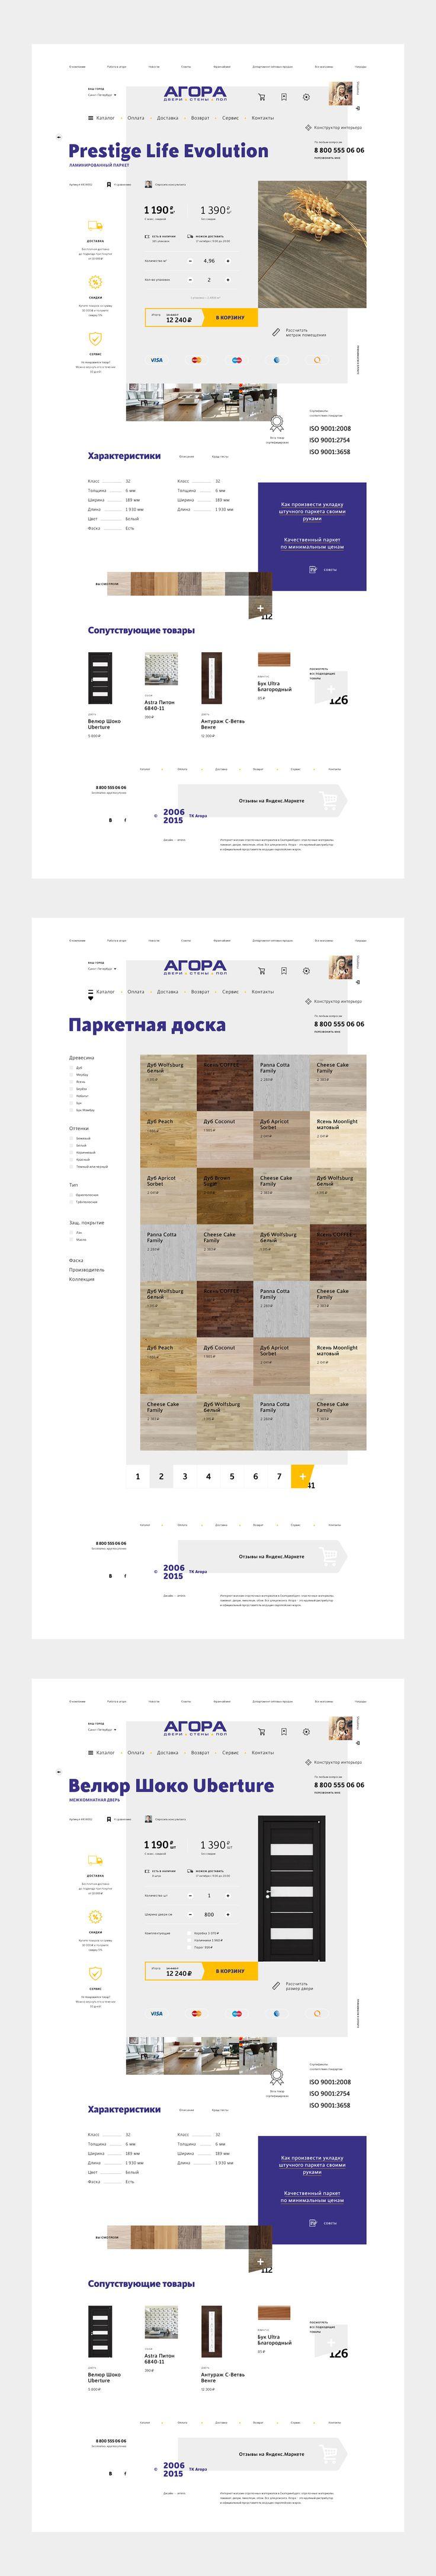 Дизайн интернет-магазина высококачественных отделочных материалов. www.tkagora.ru